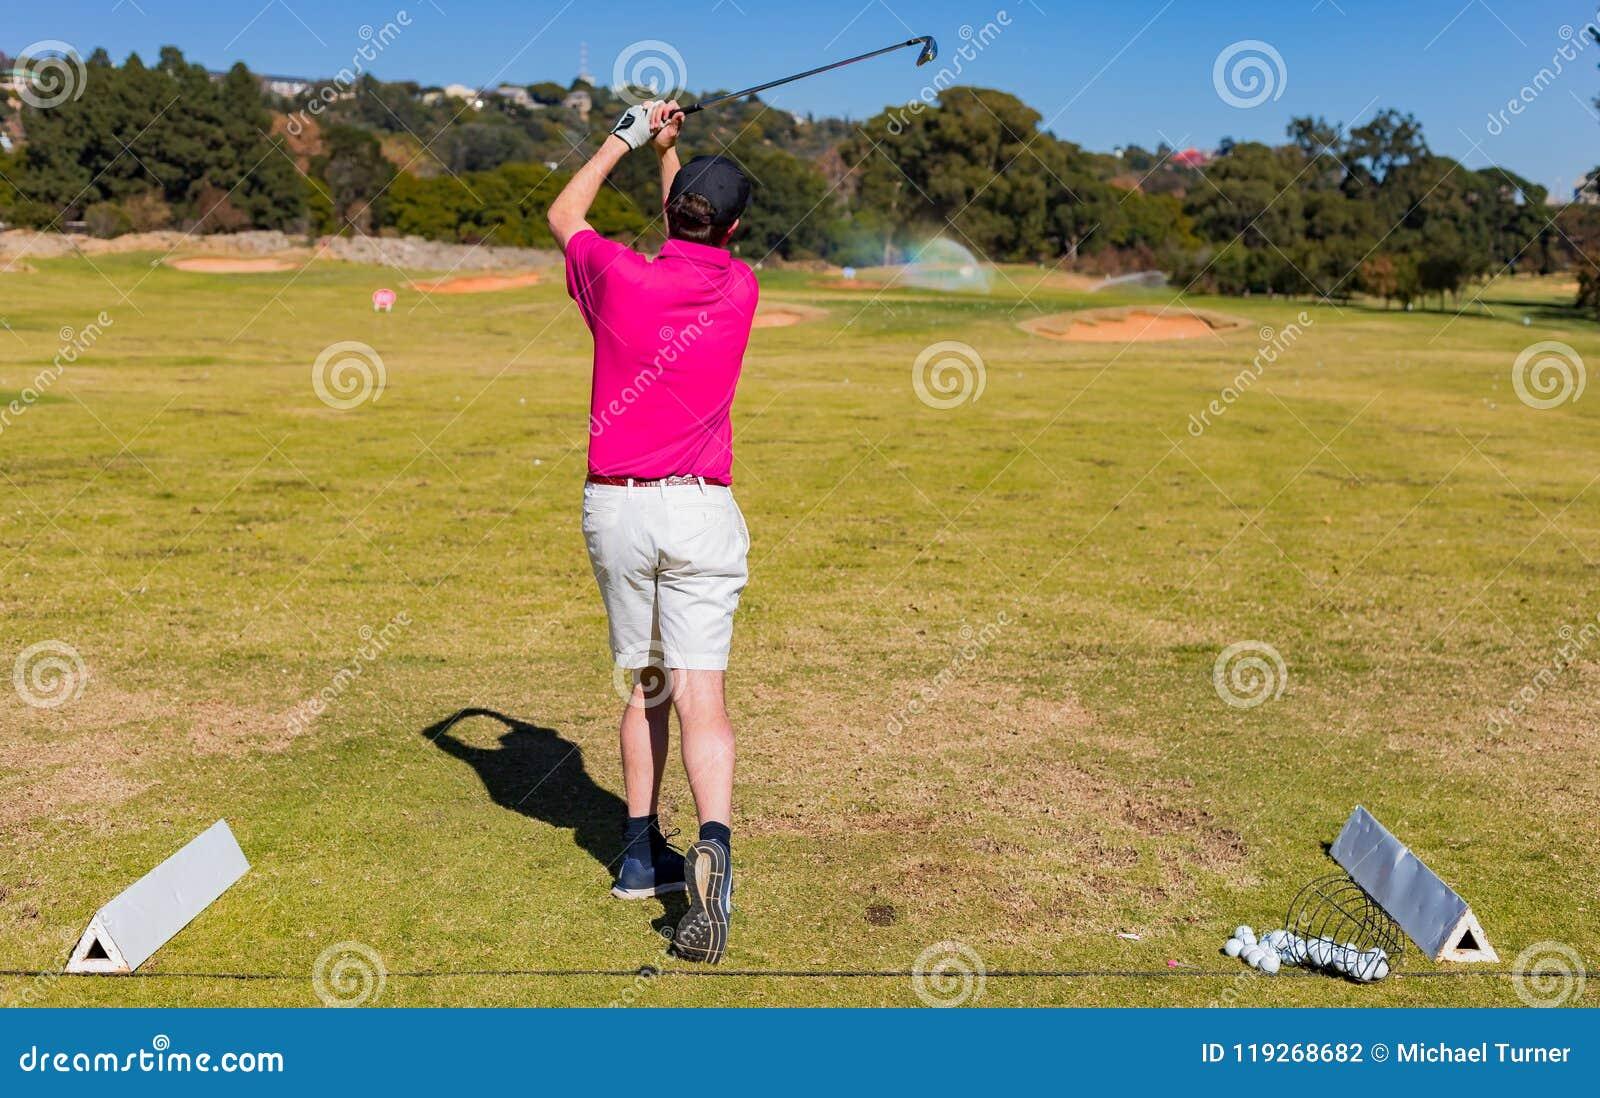 Sirva juntar con te apagado en un campo de golf con un conductor